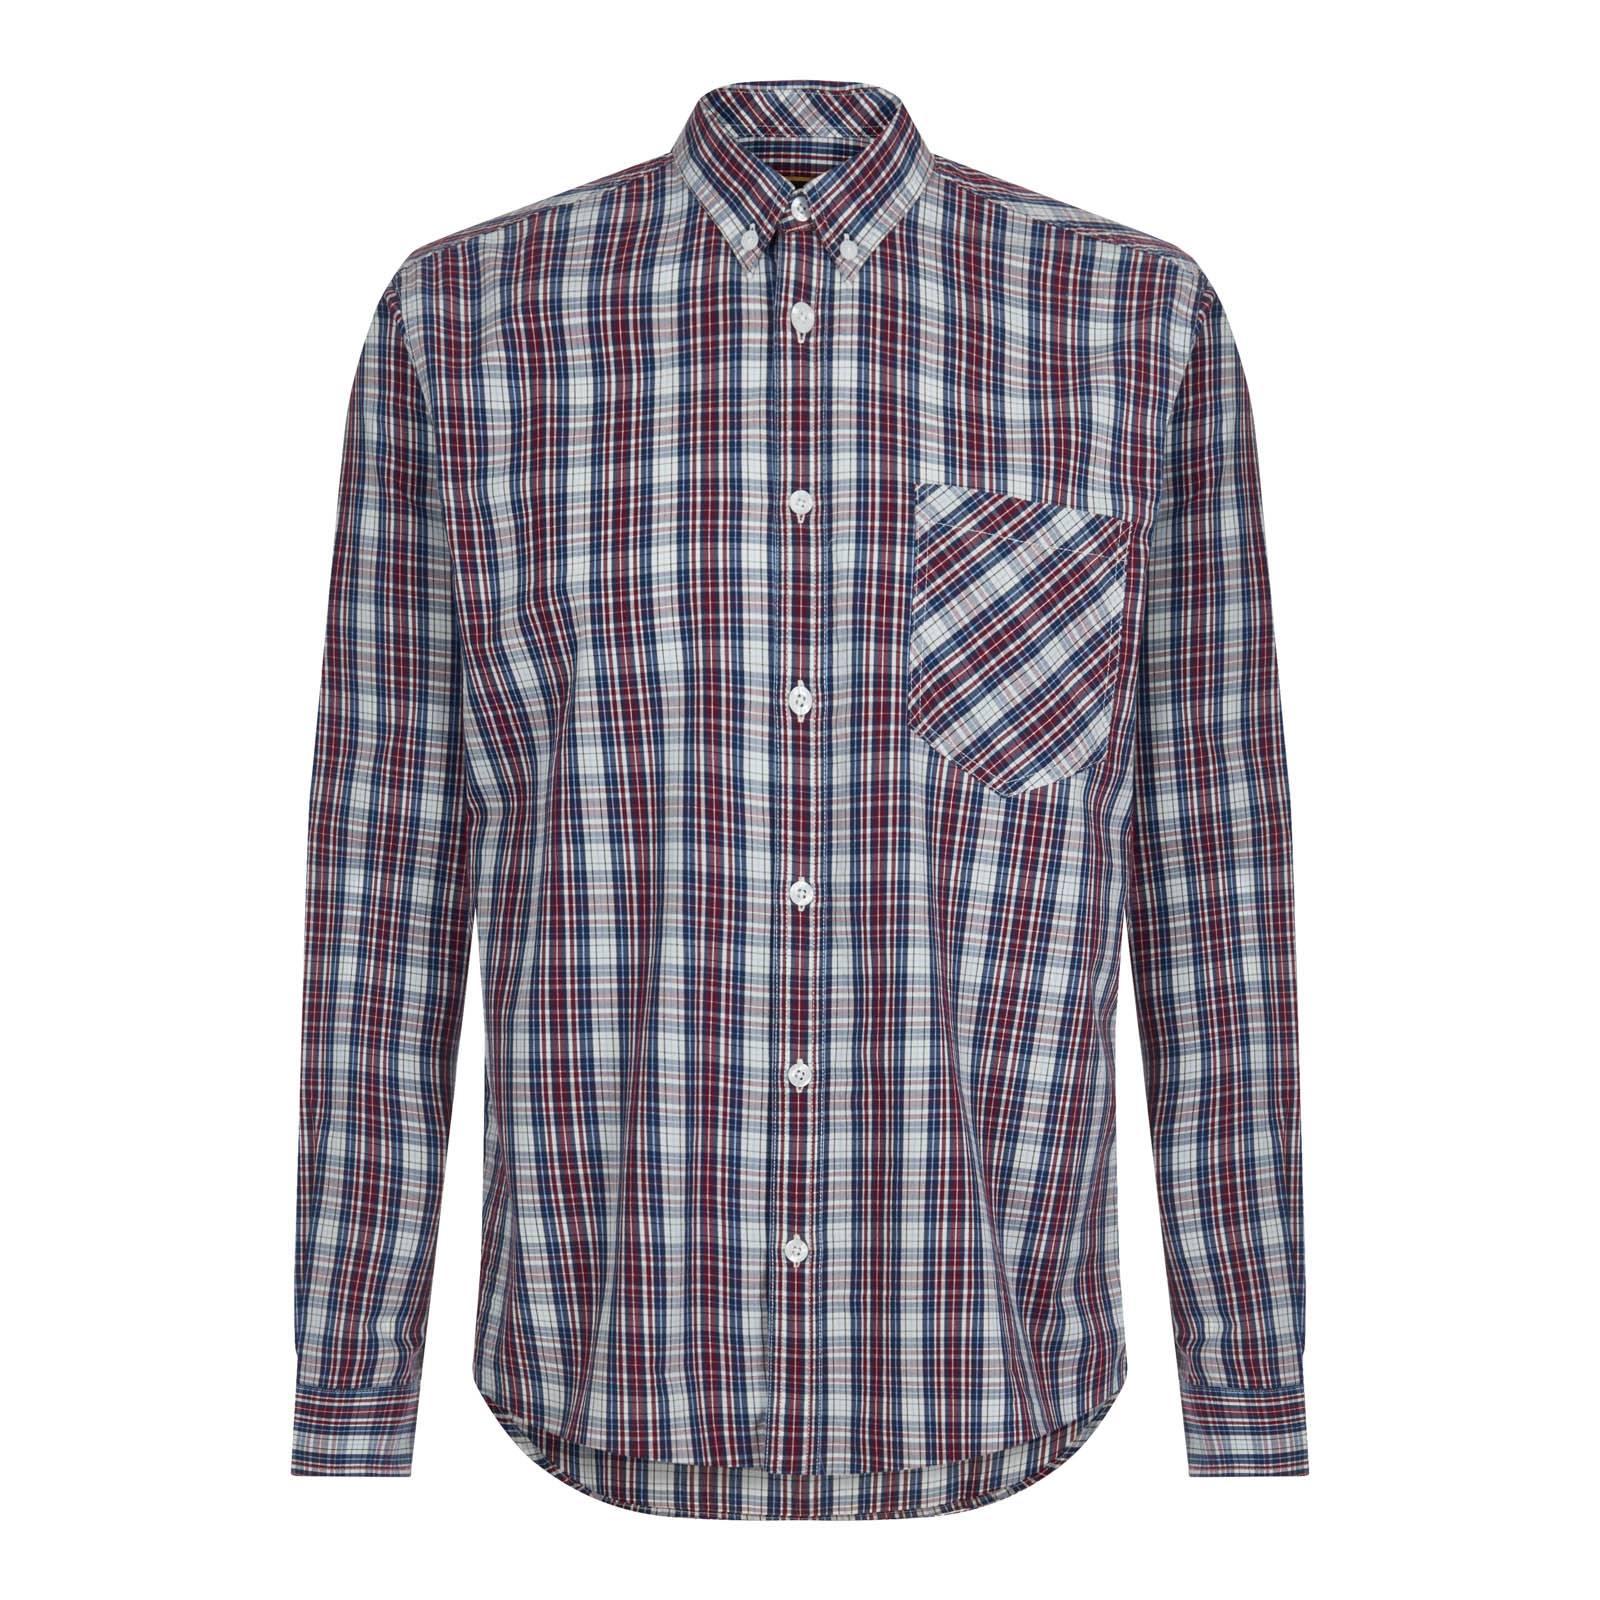 Рубашка TunnardButton Down<br>Истинно английская мужская рубашка из высококачественного сорочечного хлопка с традиционным клетчатым узором plaid check. Аккуратный, укороченного фасона, button-down воротник на пуговицах, идеально сочетающийся с V-neck трикотажем, подчеркивает британскую идентичность этой модели. Благодаря удлиненной спинке не выправляется из брюк при поворотах корпуса. Также носится и навыпуск. Имеет приталенный покрой. Универсальное цветовое решение клетки и классической кэжуальный стиль позволяют комбинировать данную рубашку с большинством моделей обуви, свитеров и верхней одежды. Брендирована на внутренне стороне застежки снизу эффектным, в преппи стиле 1950-60-х фирменным патчем, имитирующим эмблему университетской спортивной команды. Еще одна приятная деталь – фигурный хлястик из джинсовой ткани шамбре на пуговице, расположенный на отлете воротника сзади.<br><br>Артикул: 1516210<br>Материал: 100% хлопок<br>Цвет: мультицветная клетка<br>Пол: Мужской